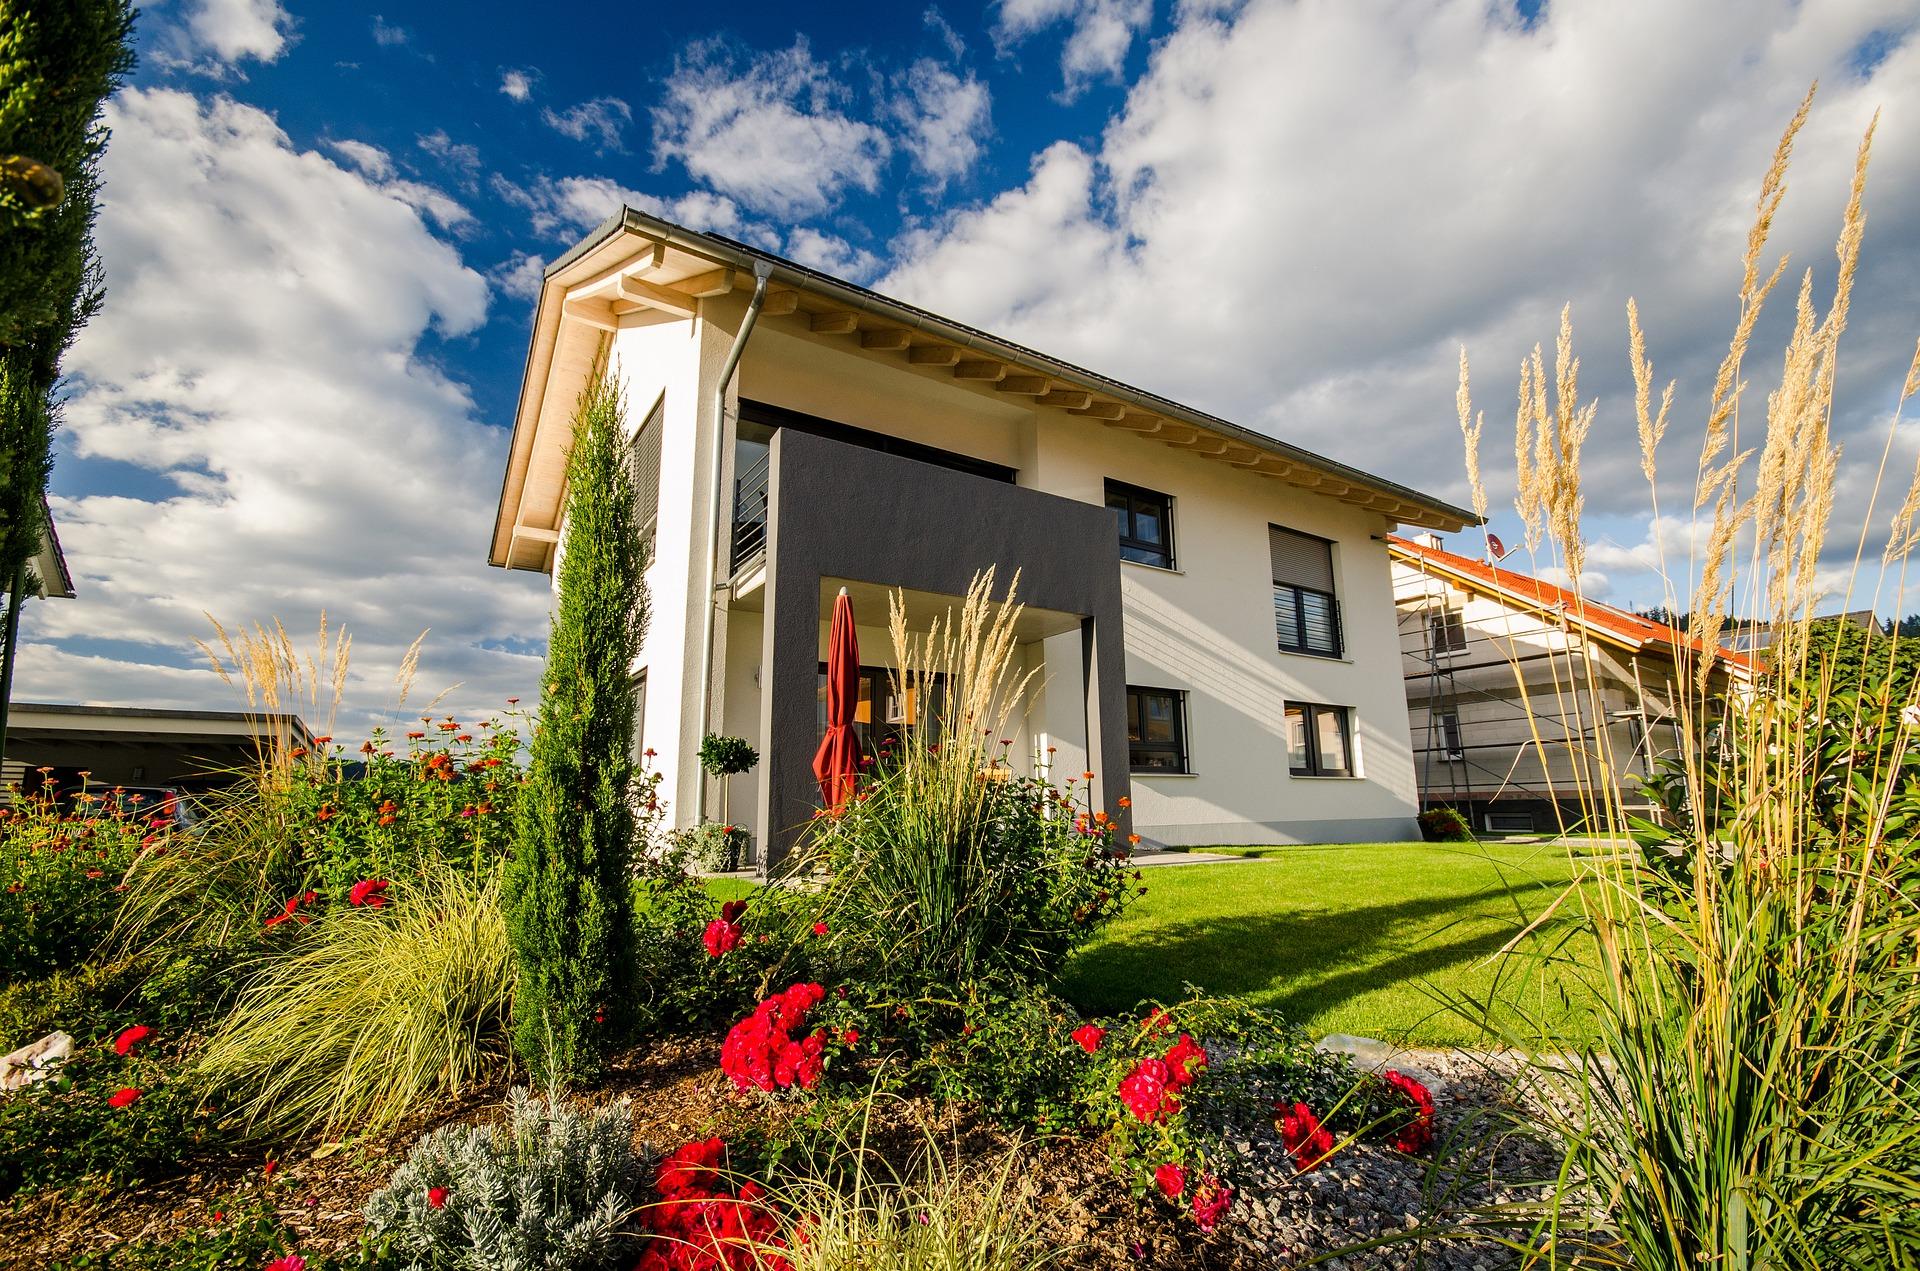 Ein Einfamilienhaus, das seine Erschließungskosten bezahlt haben muss, damit es von einem Busch aus in einem Dutch-Angle fotografiert werden kann.